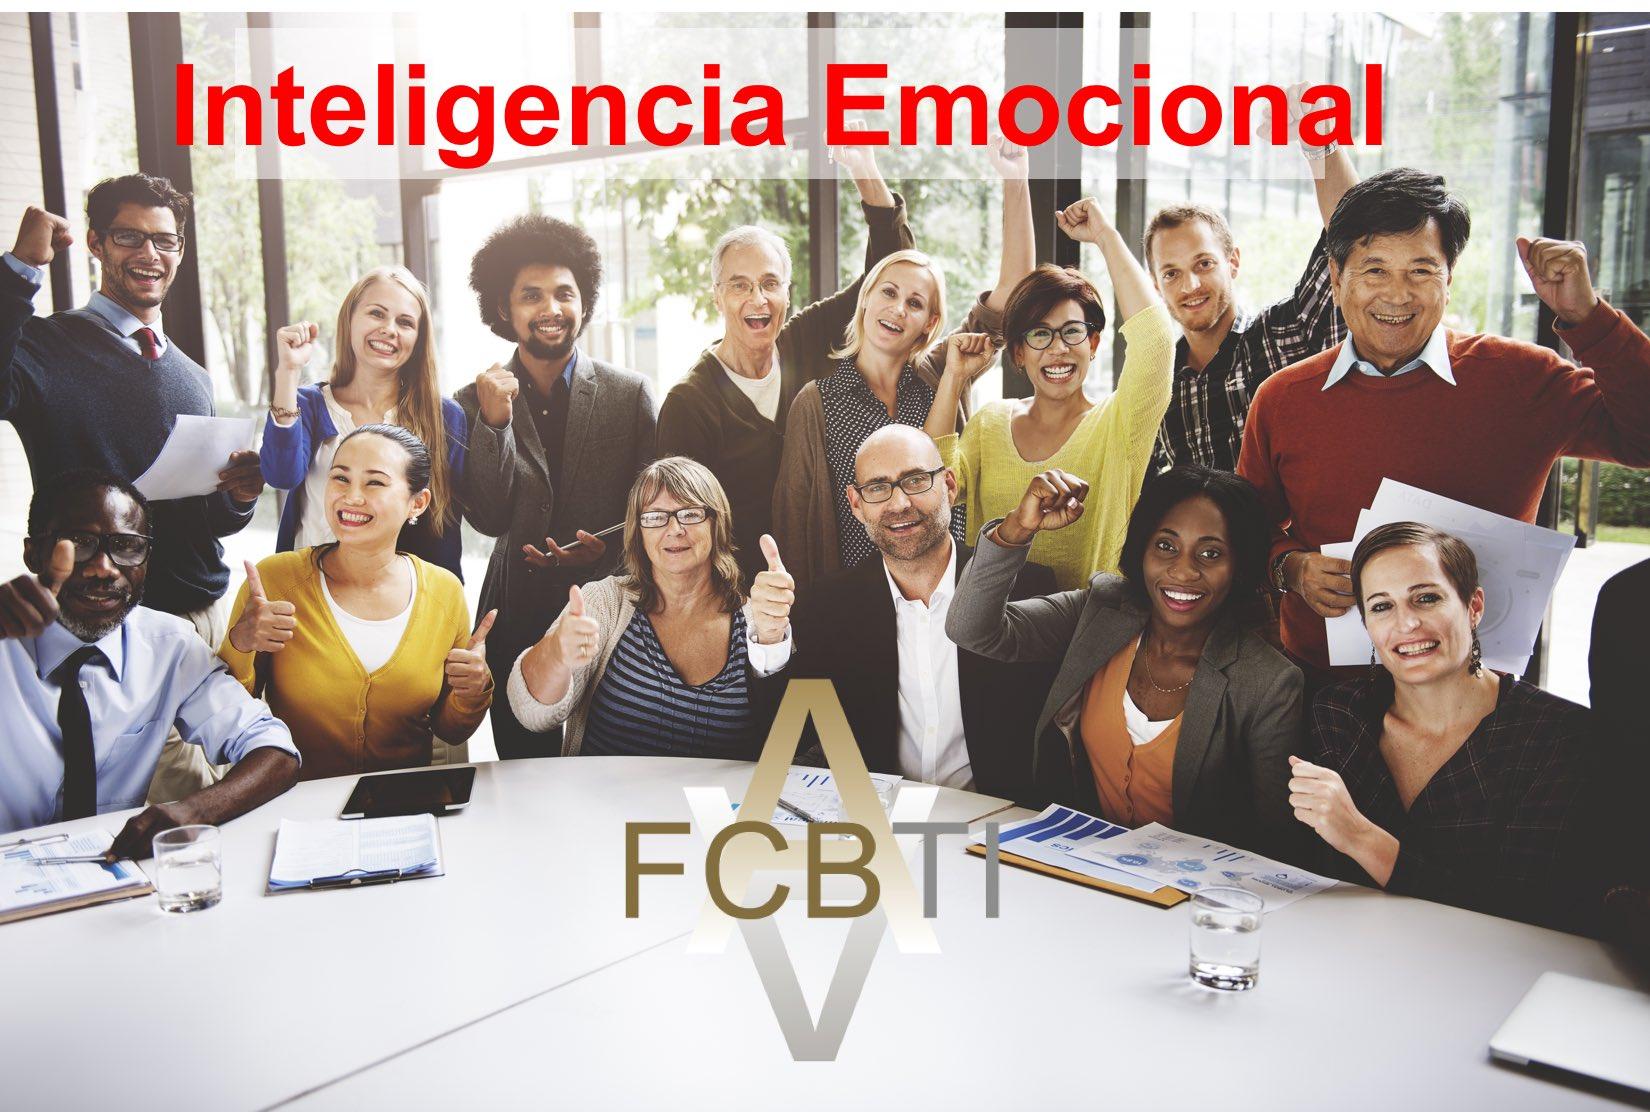 Postgrado en Inteligencia Emocional